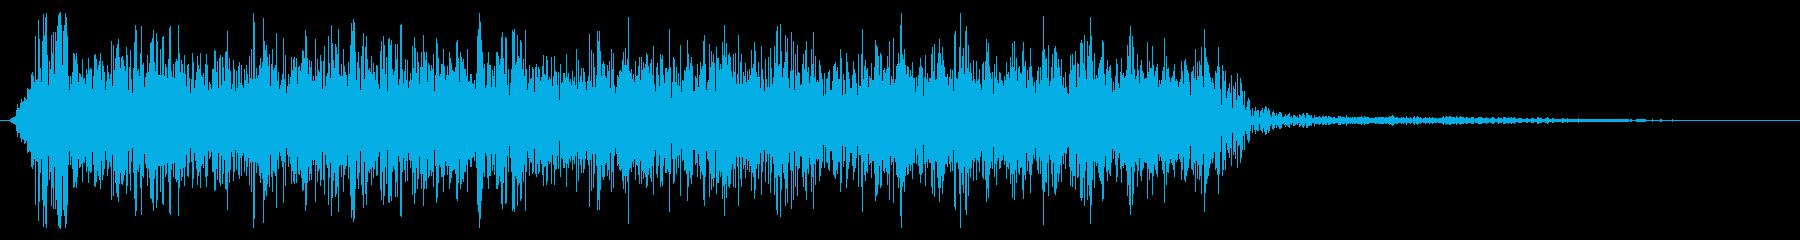 火炎放射器:ミディアムバーストの再生済みの波形